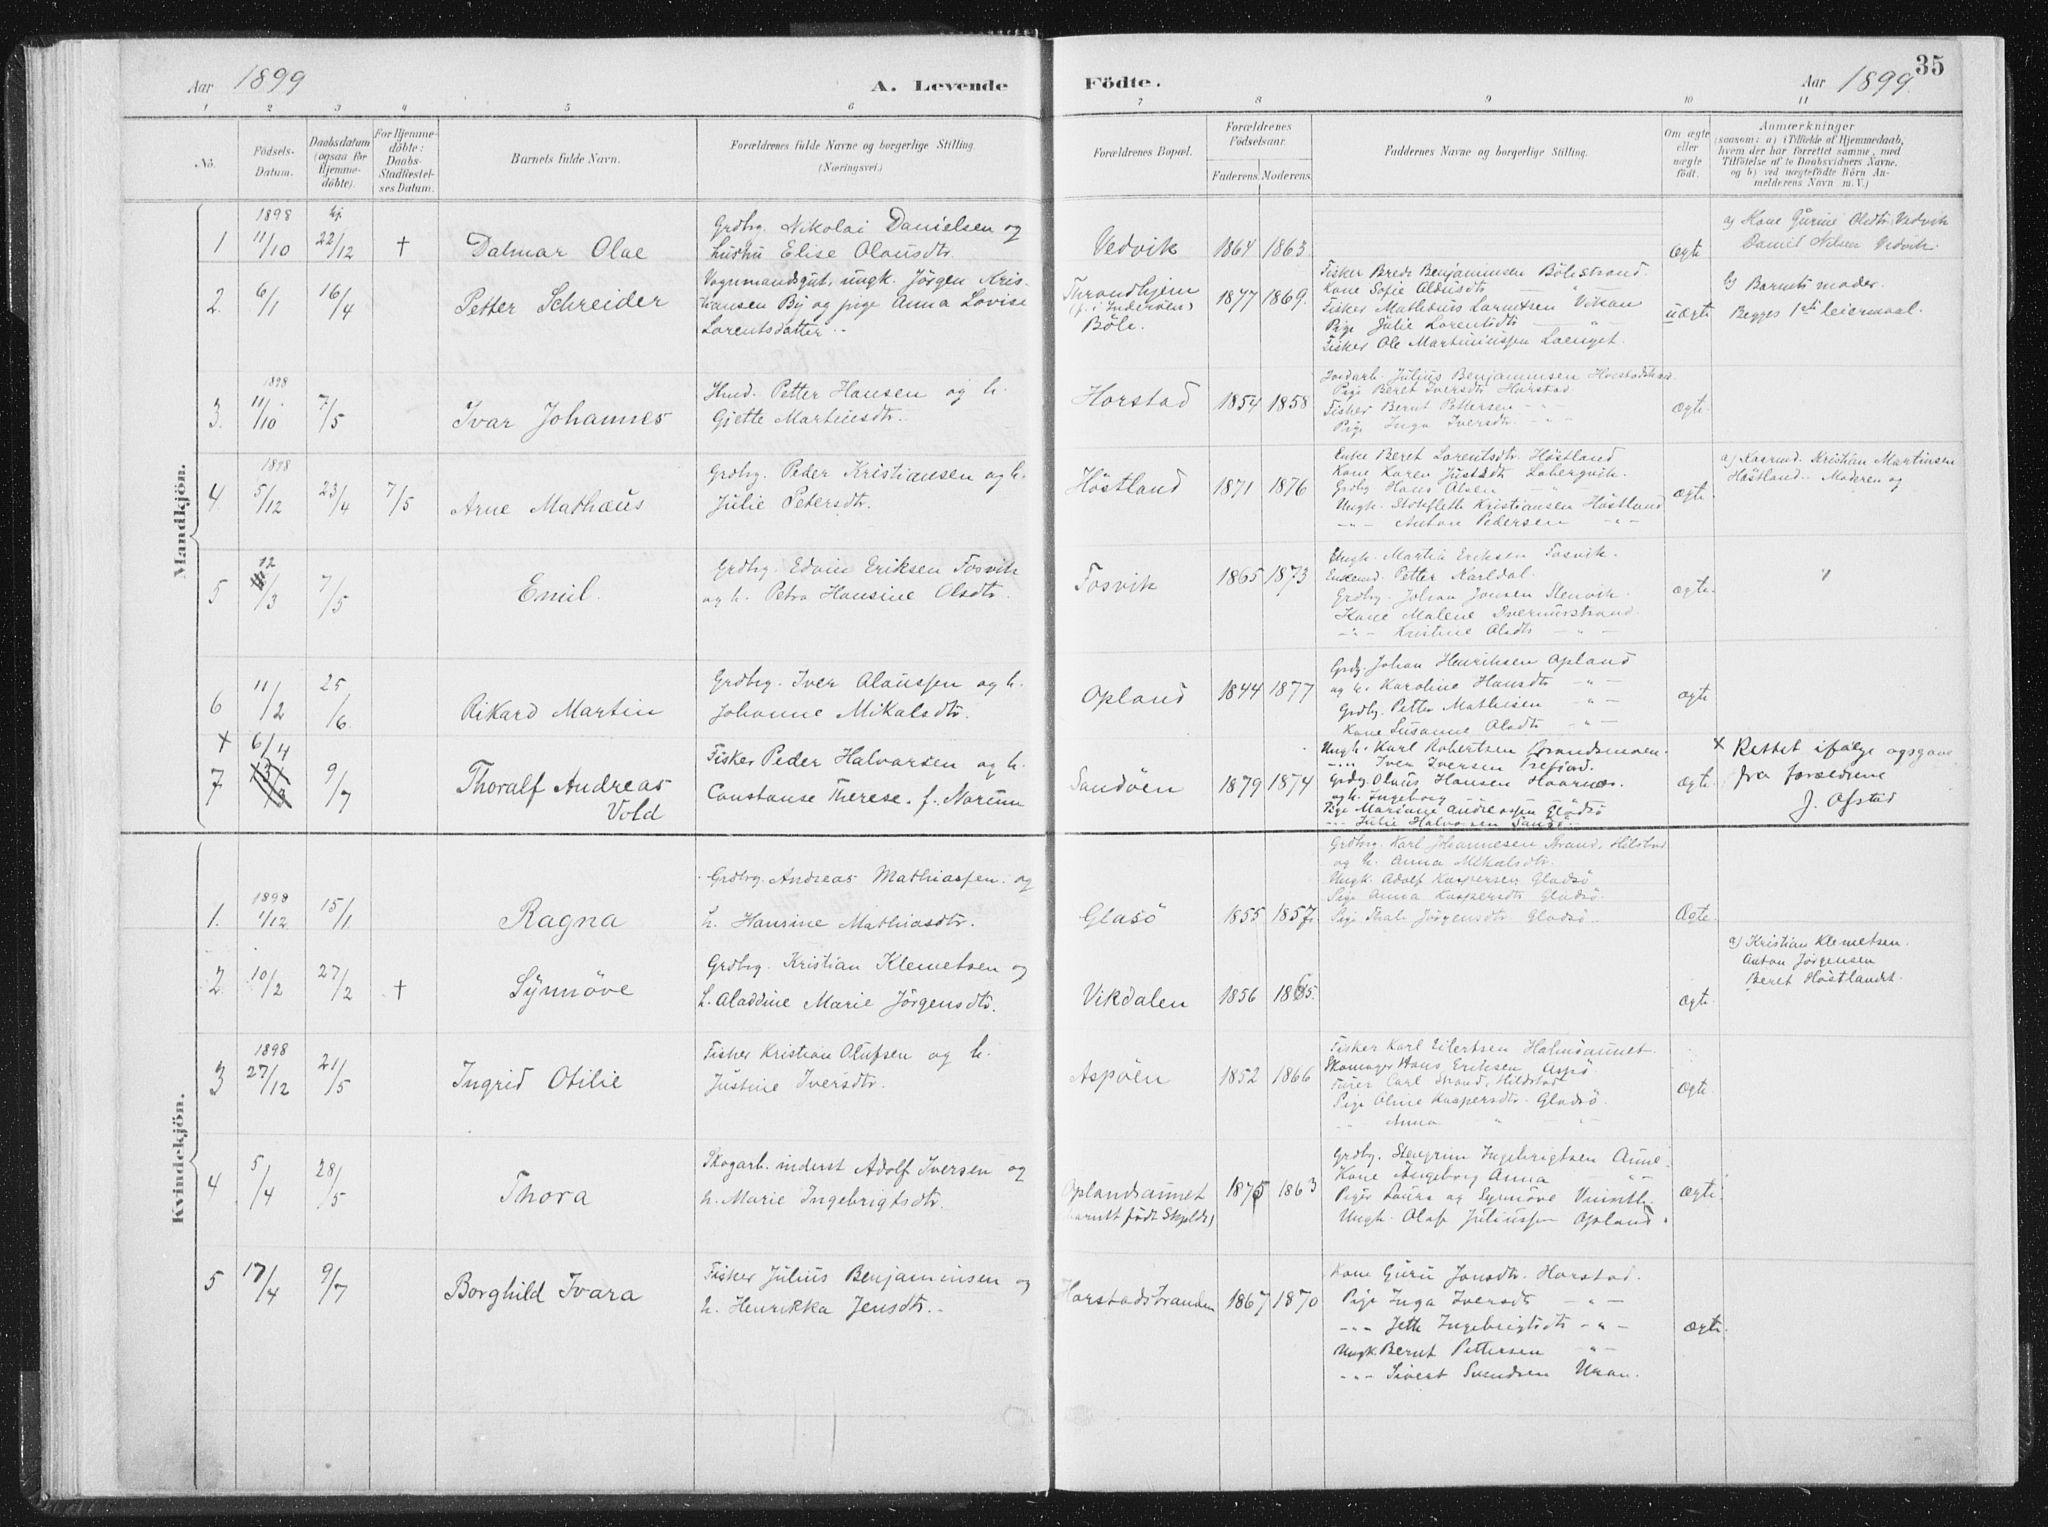 SAT, Ministerialprotokoller, klokkerbøker og fødselsregistre - Nord-Trøndelag, 771/L0597: Ministerialbok nr. 771A04, 1885-1910, s. 35